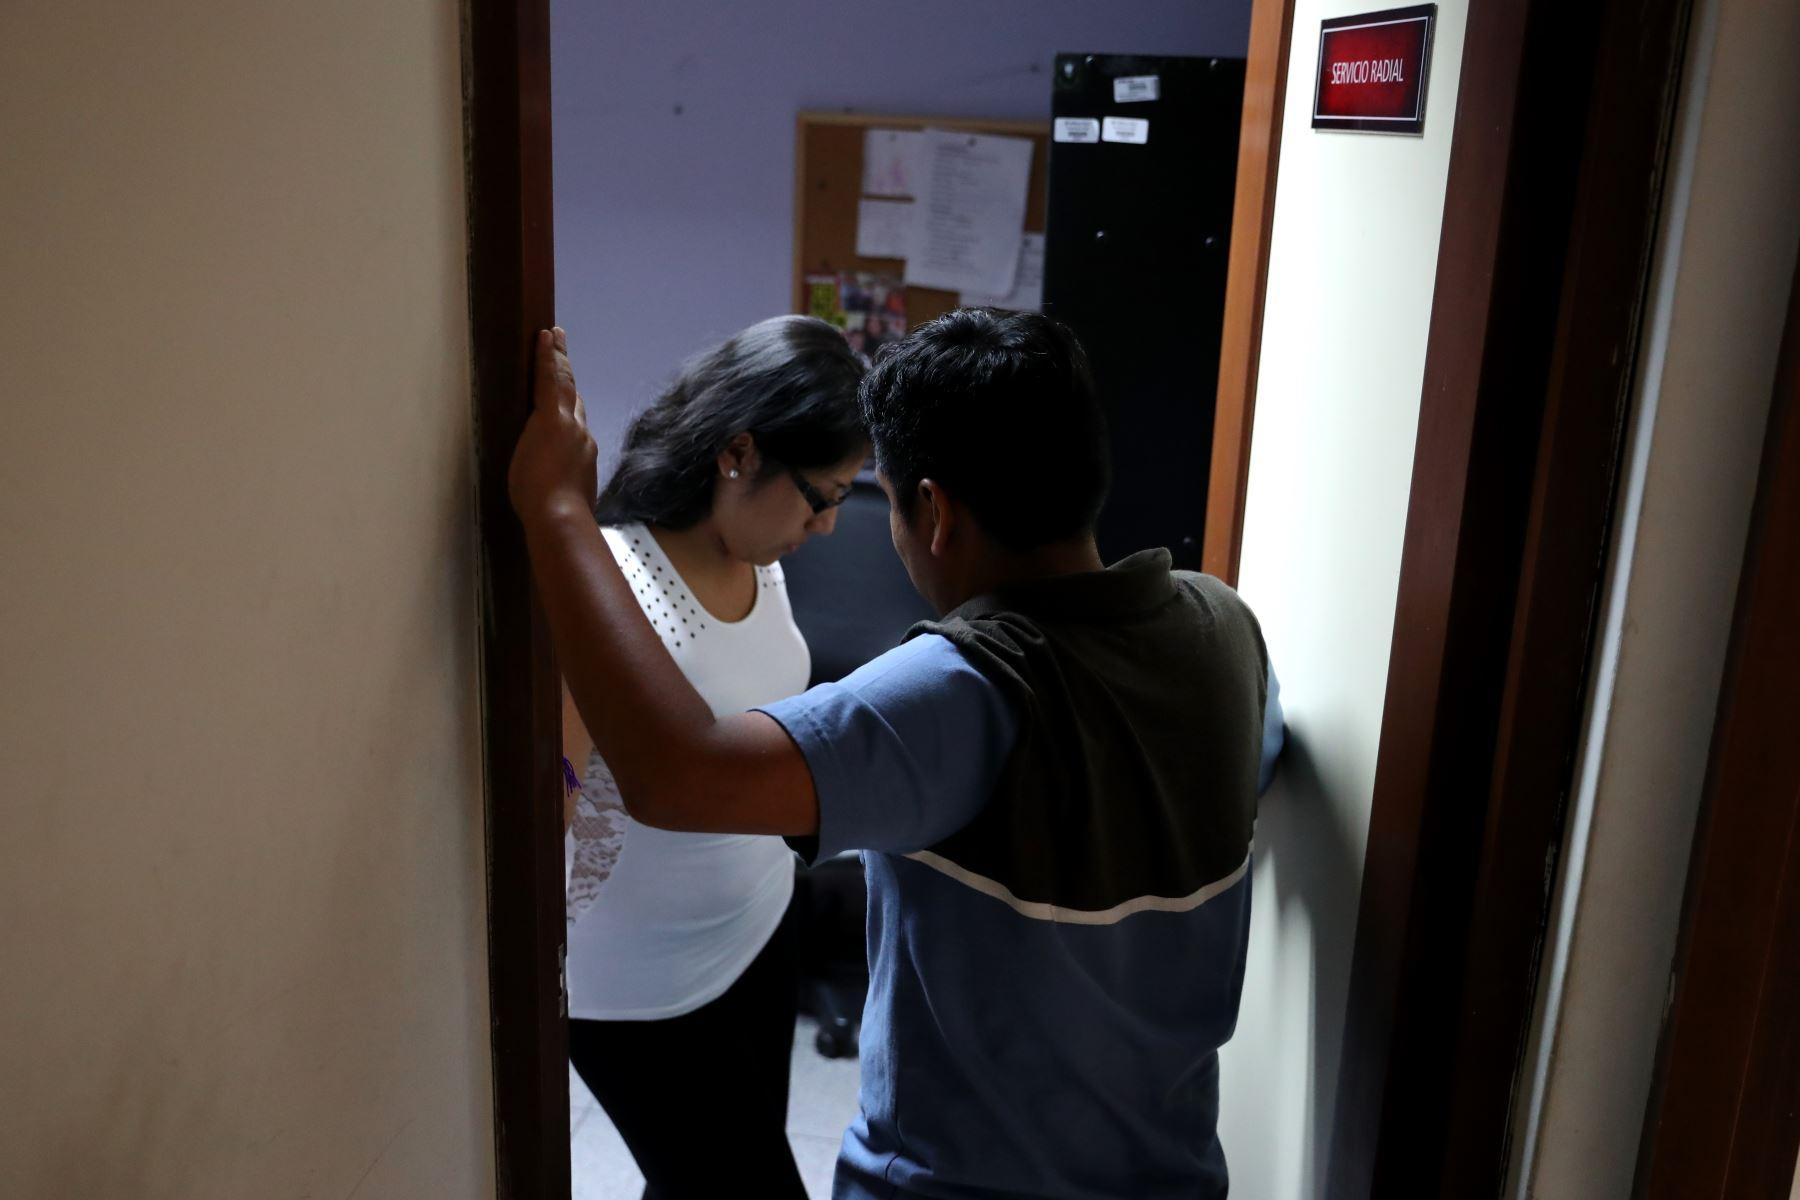 Para la psicóloga de la PUCP Tesania Velázquez, las chicas son víctimas del control violento de sus parejas desde muy jóvenes, por lo que considera abordar desde la niñez temas como el respeto entre las personas, la discriminación de género, relaciones saludables y tóxicas. Foto: ANDINA/Melina Mejía